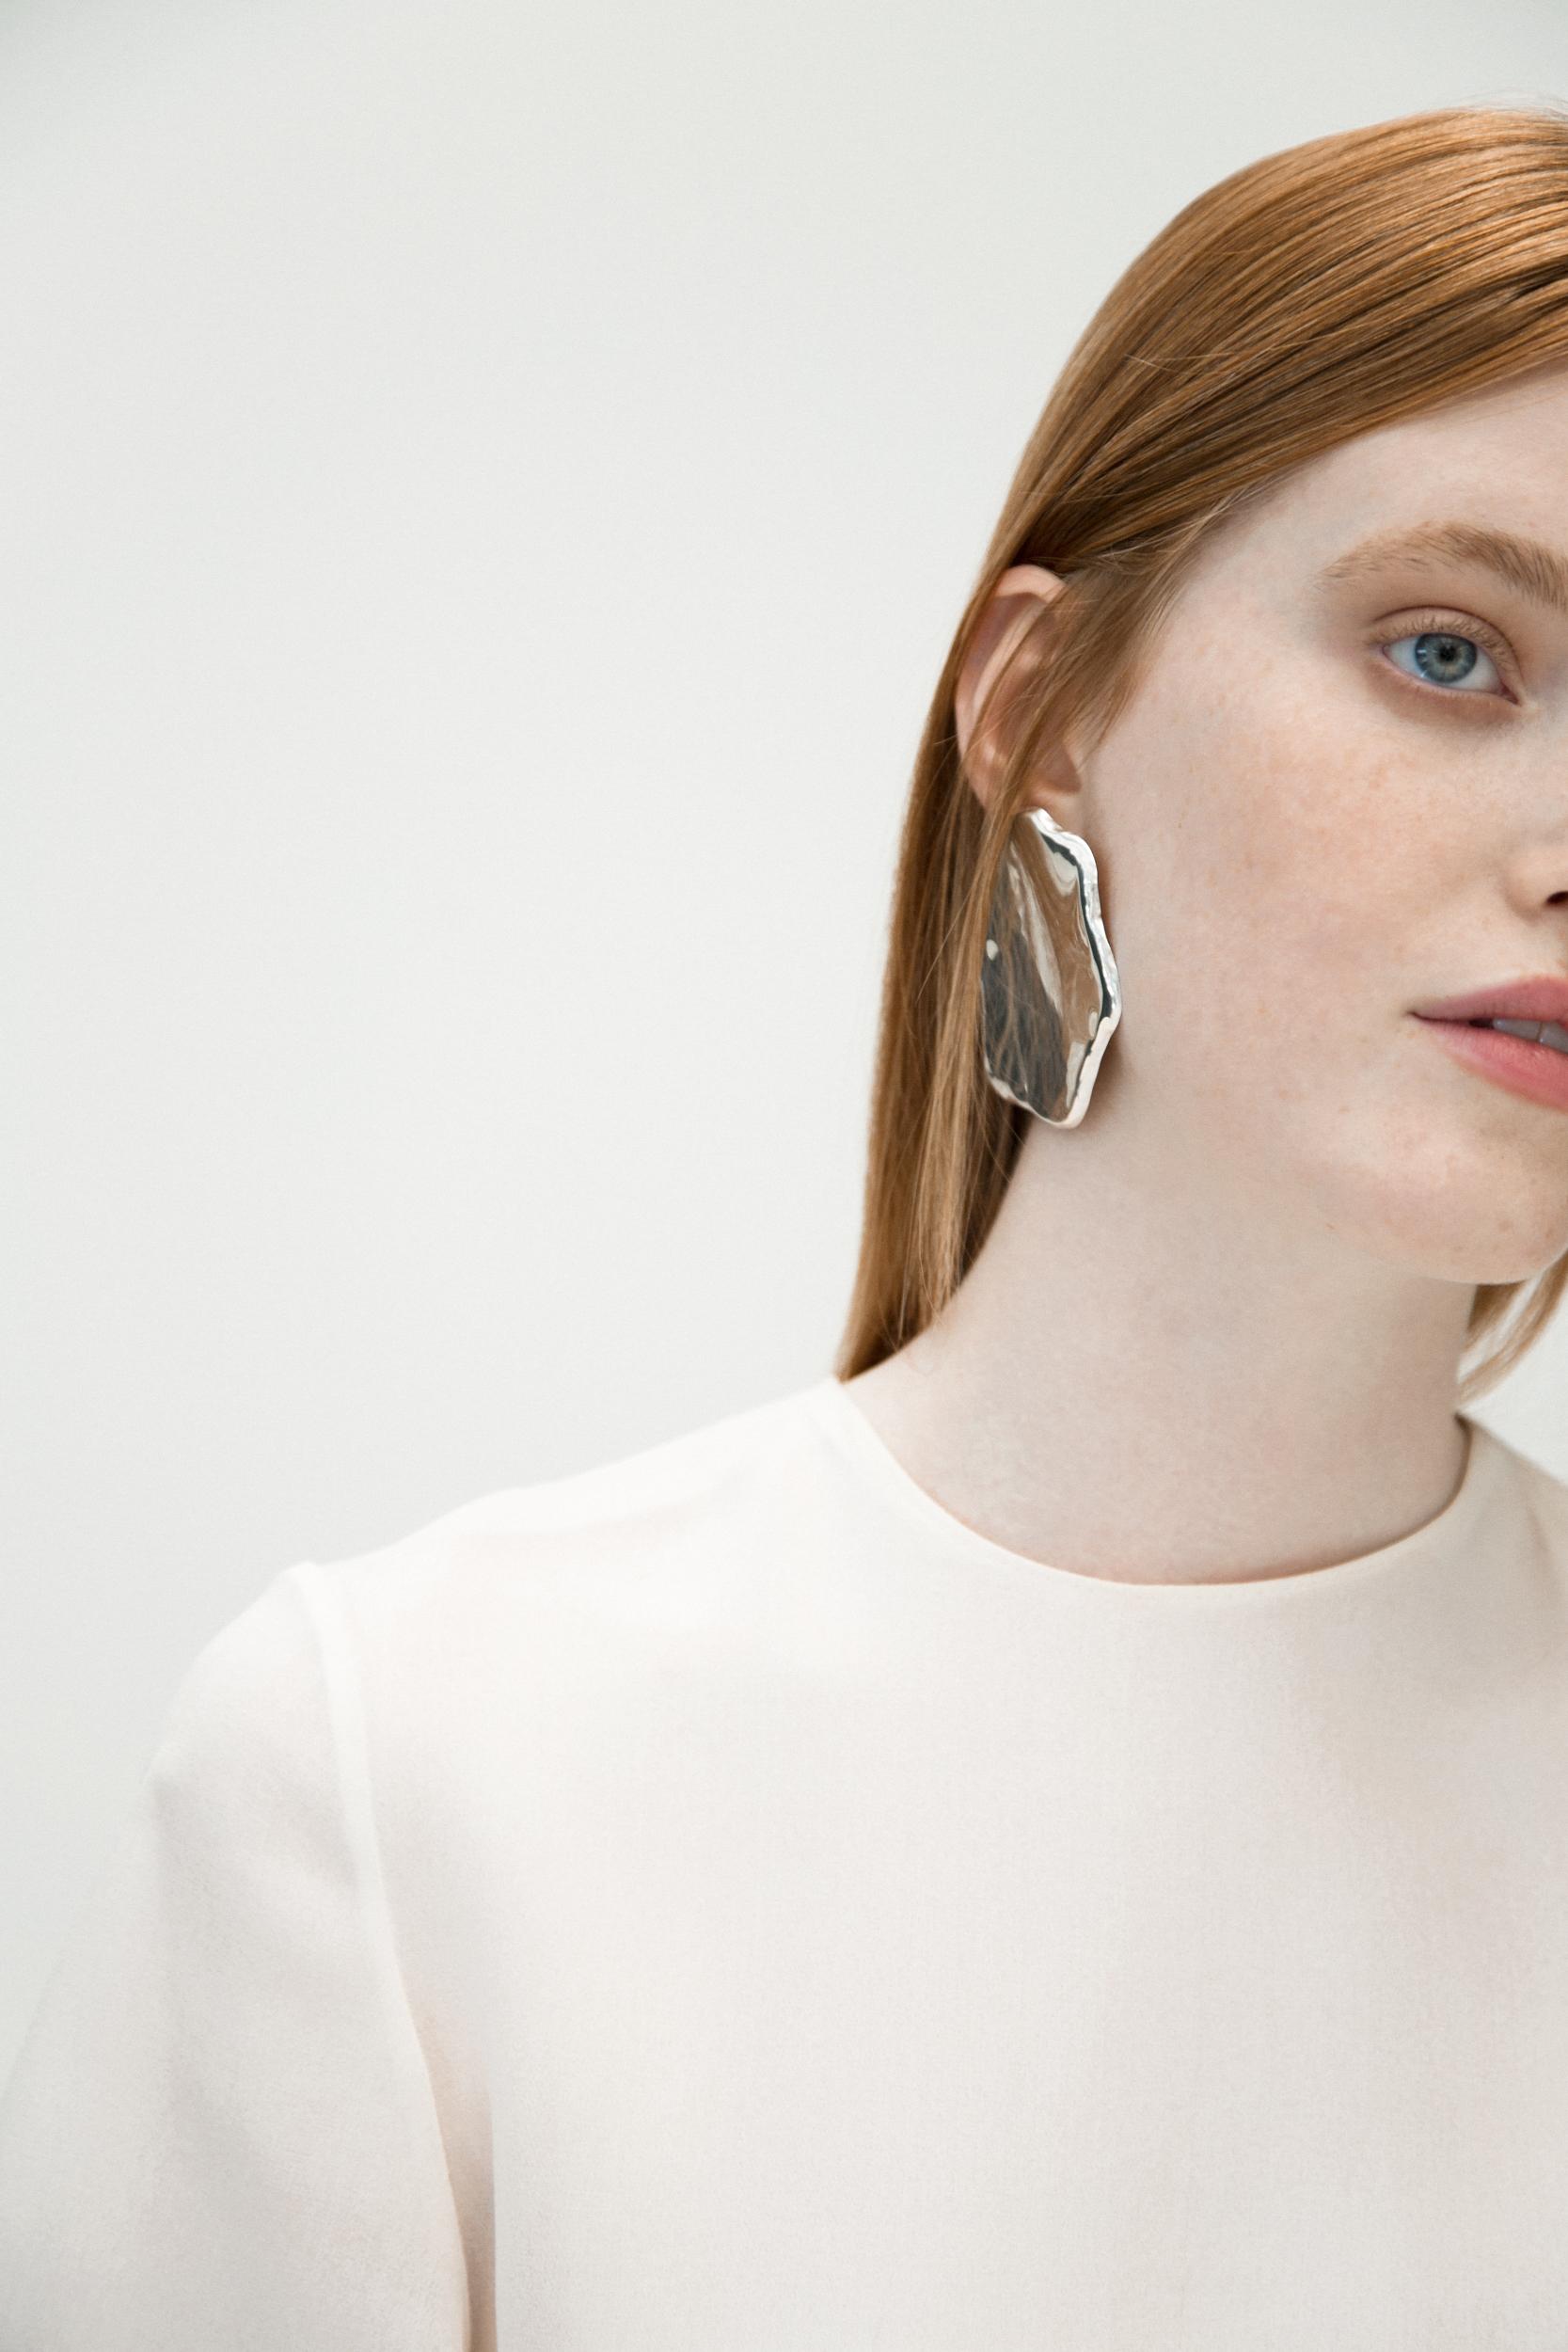 MY812 dress / All Blues earrings